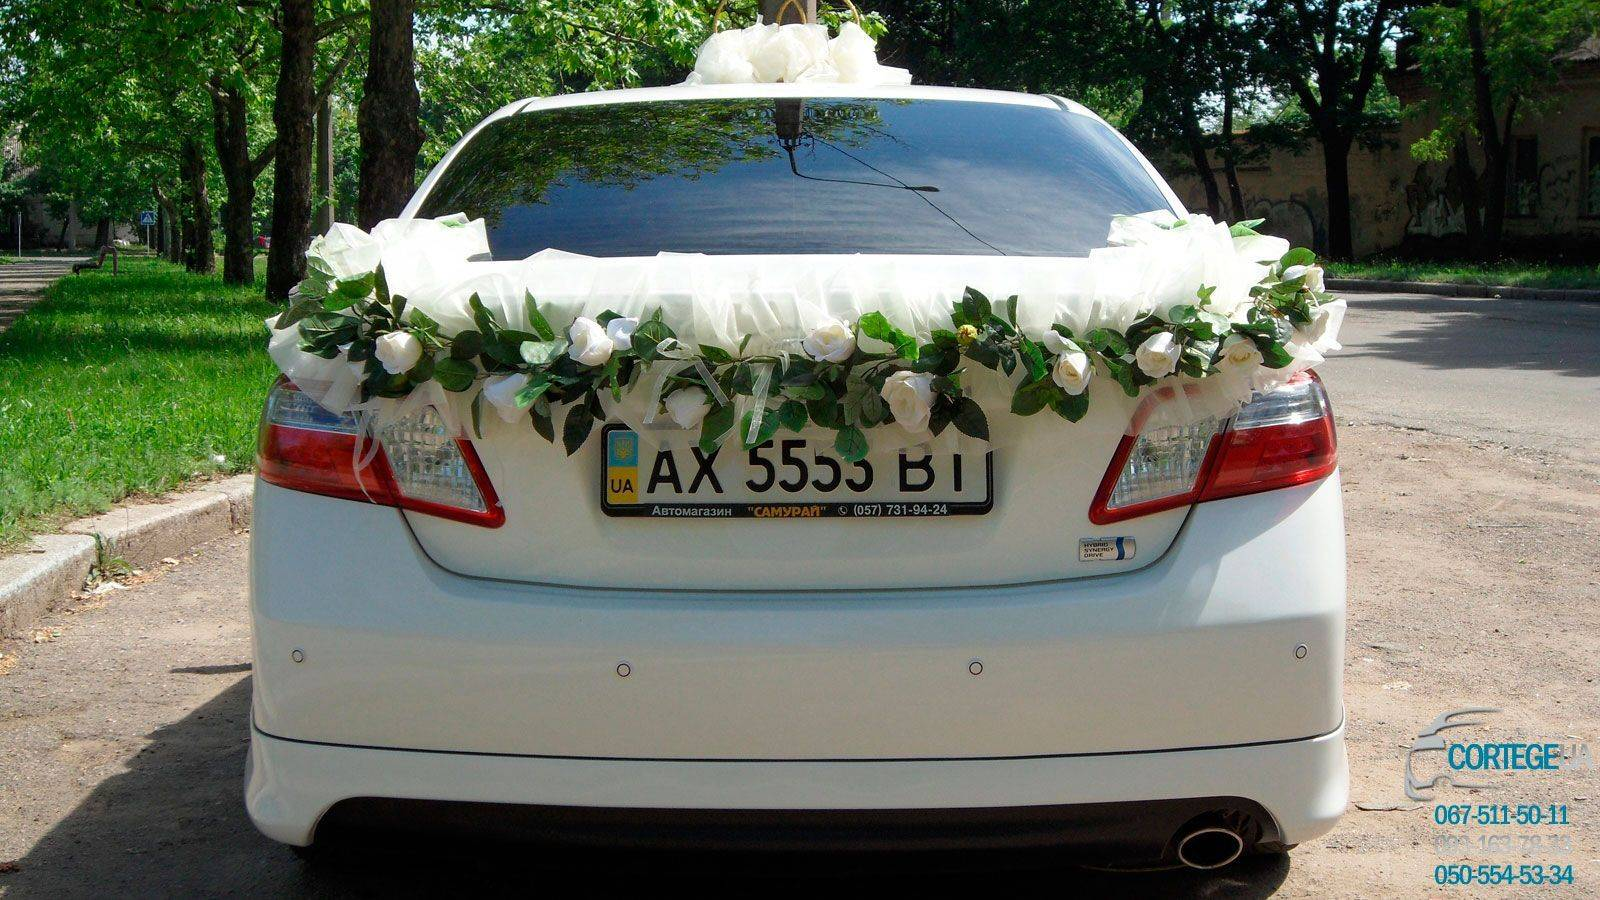 Как украсить машину на свадьбу: рекомендации по декорированию